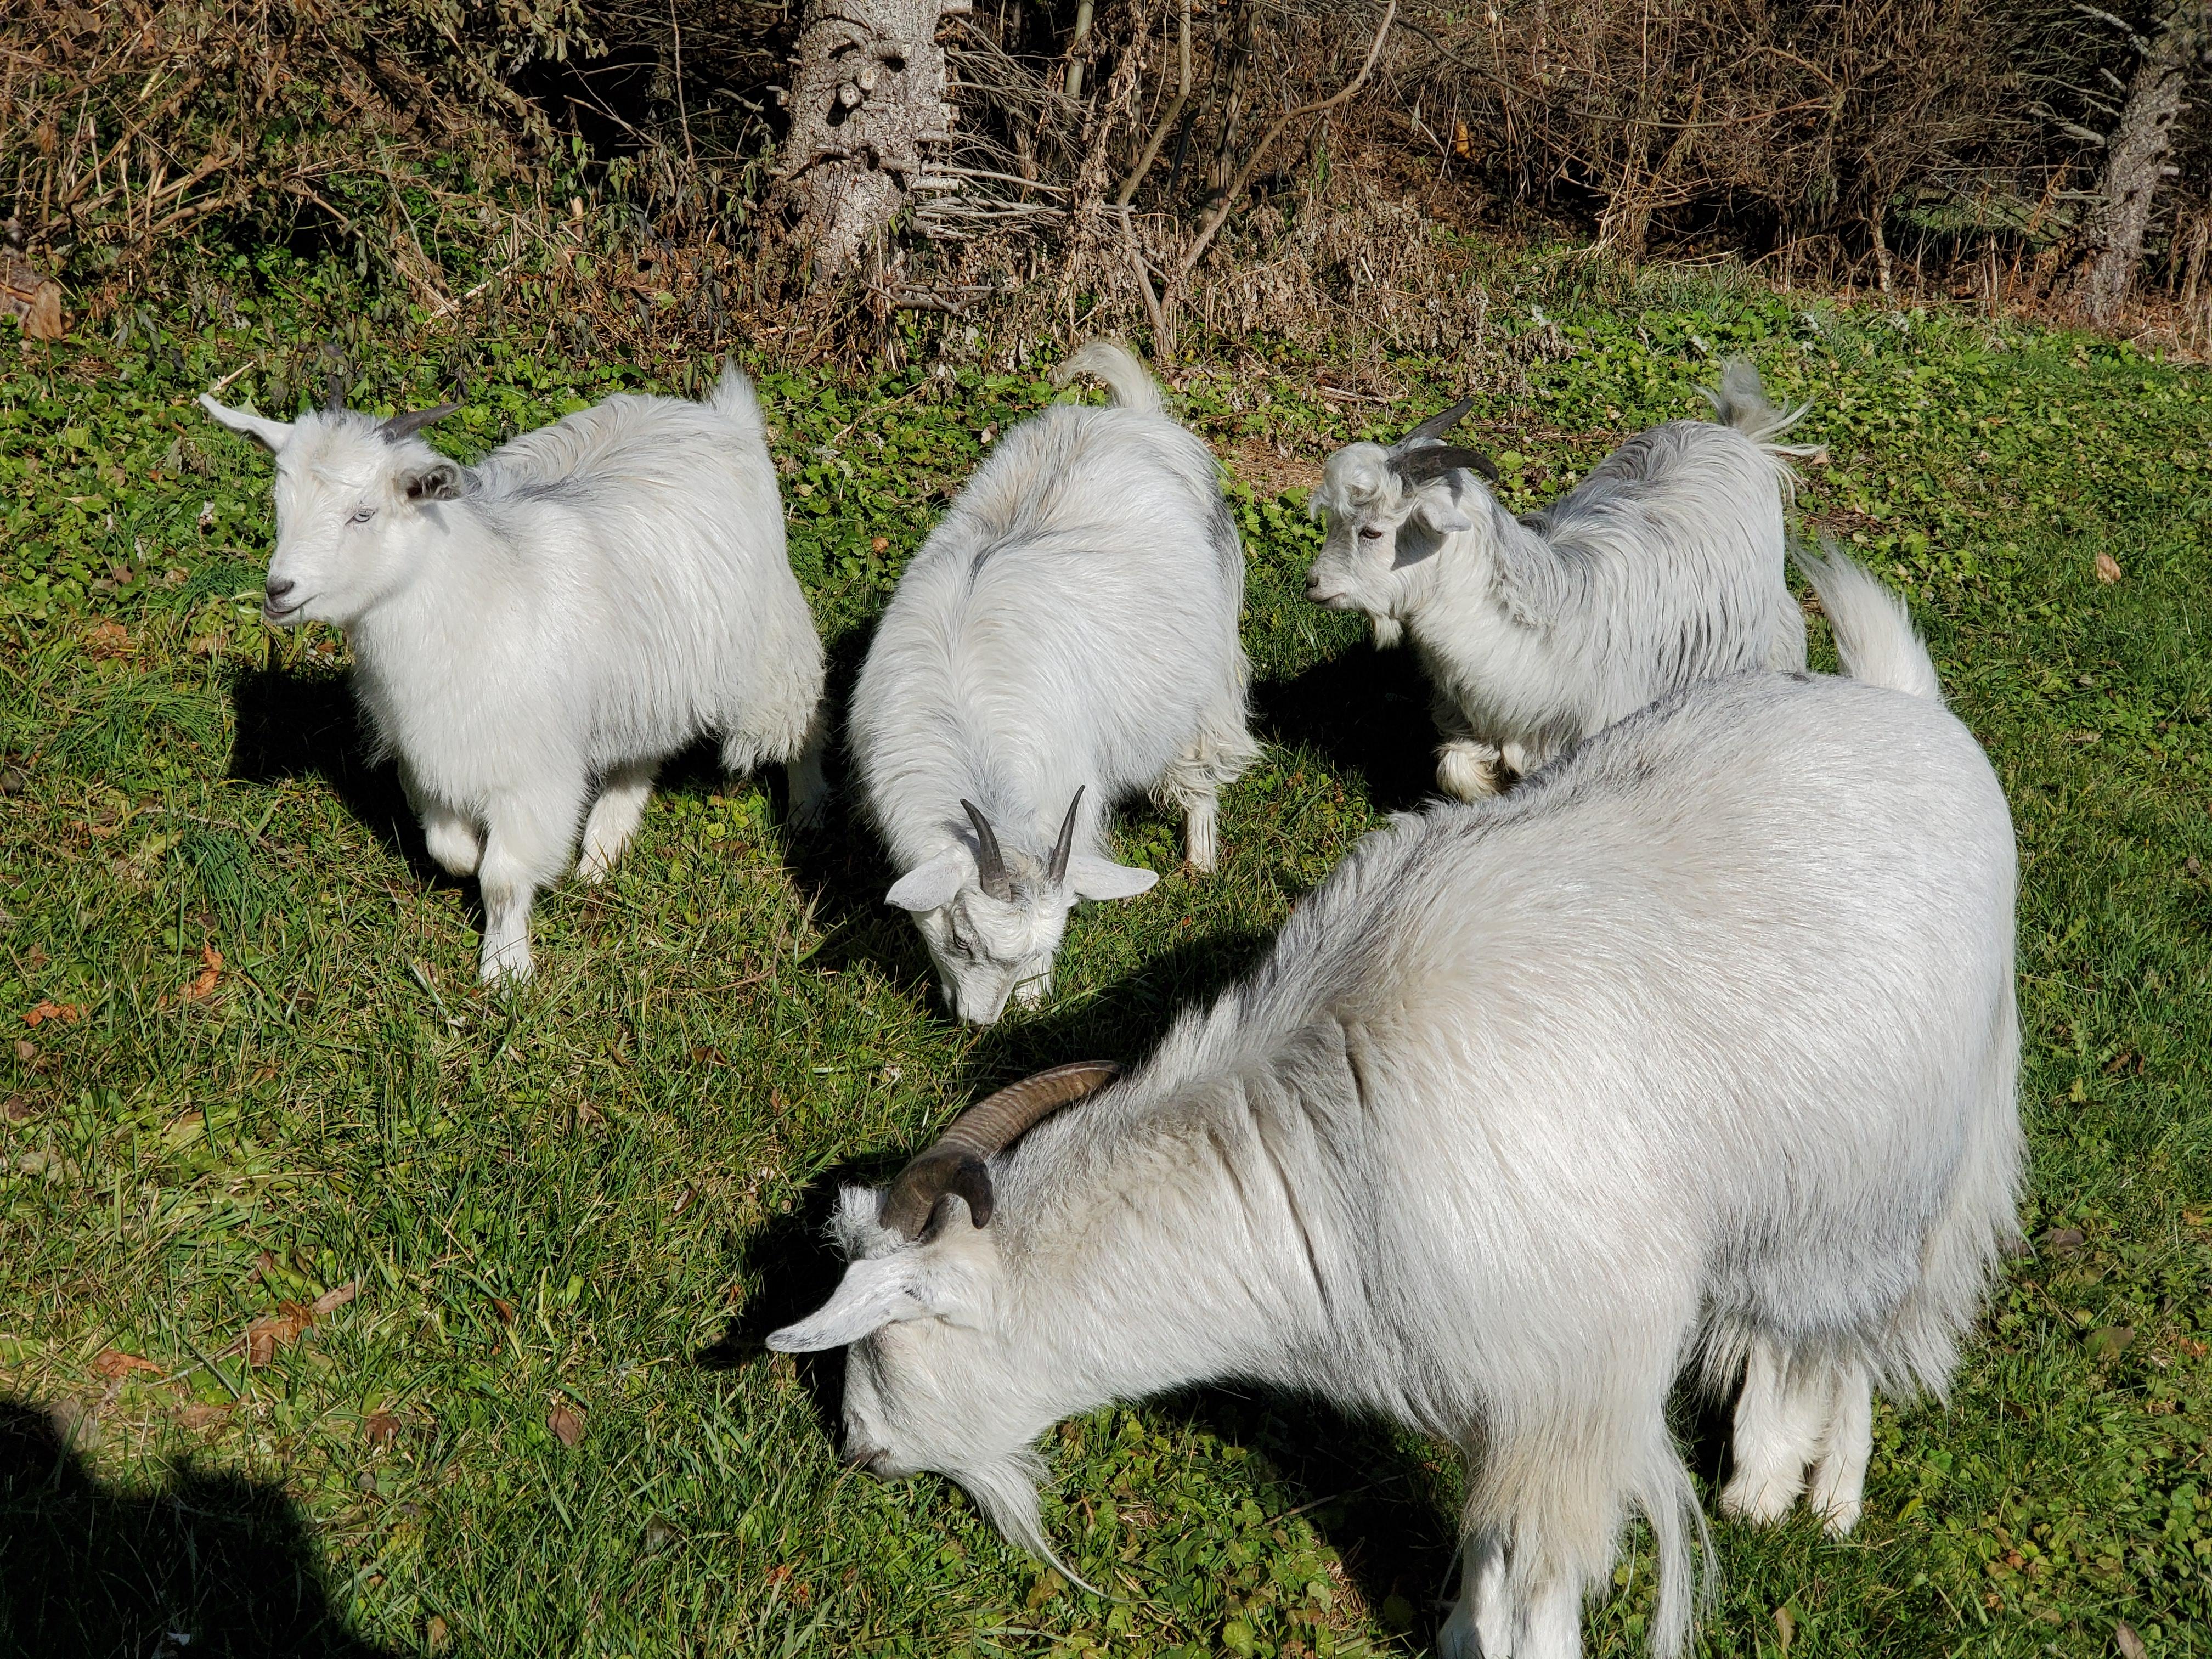 20191123_105538 goats grazing